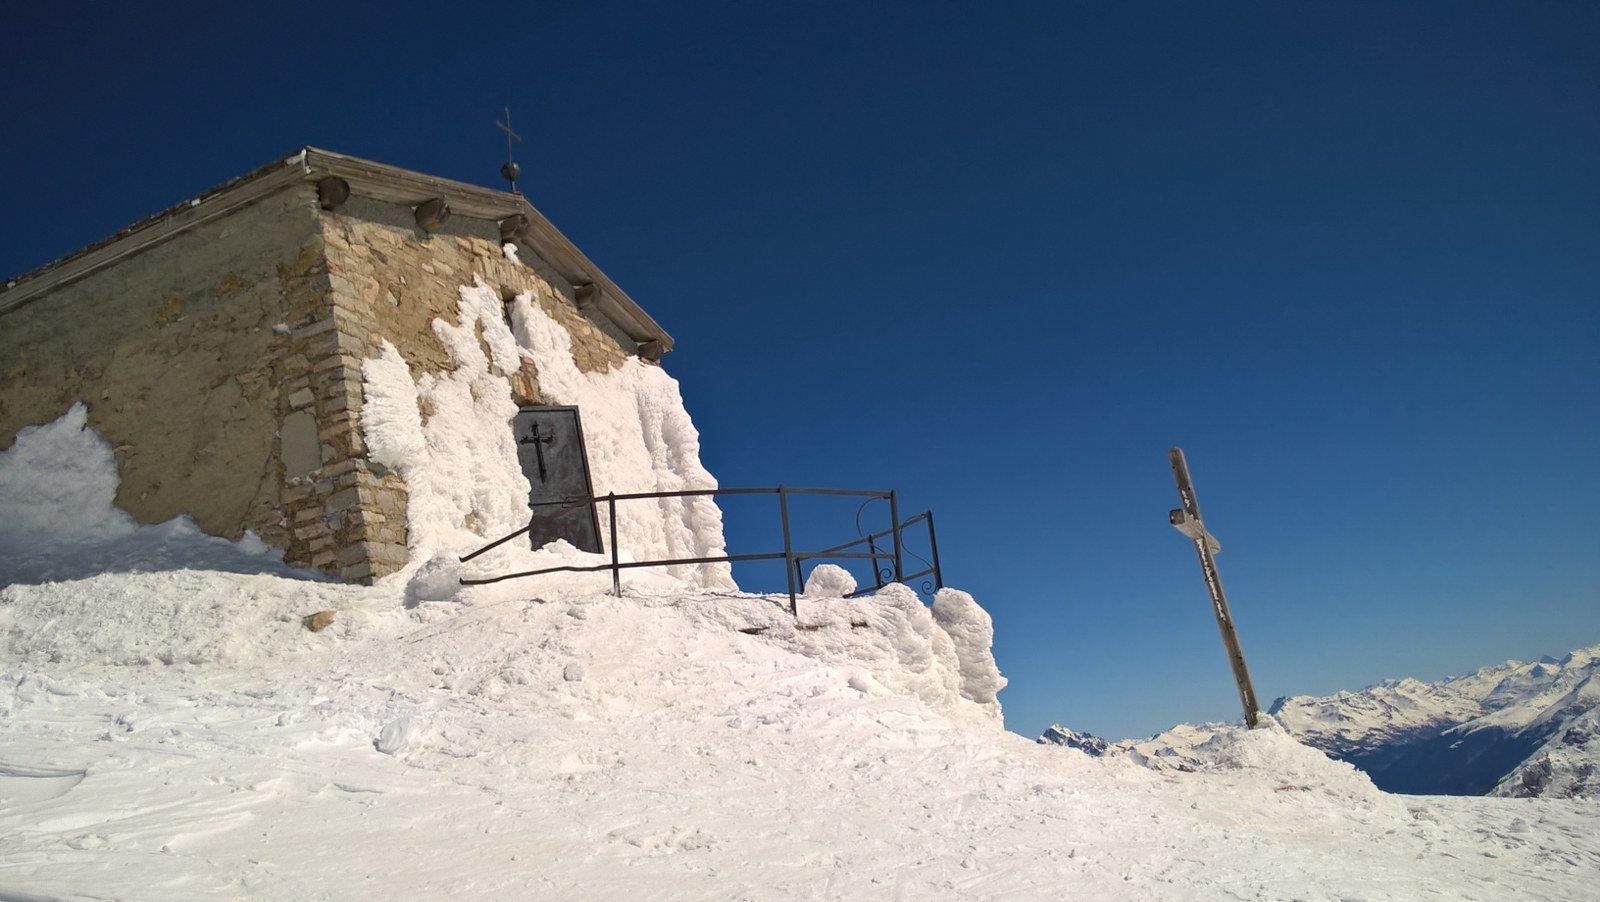 La chiesetta prima della cima